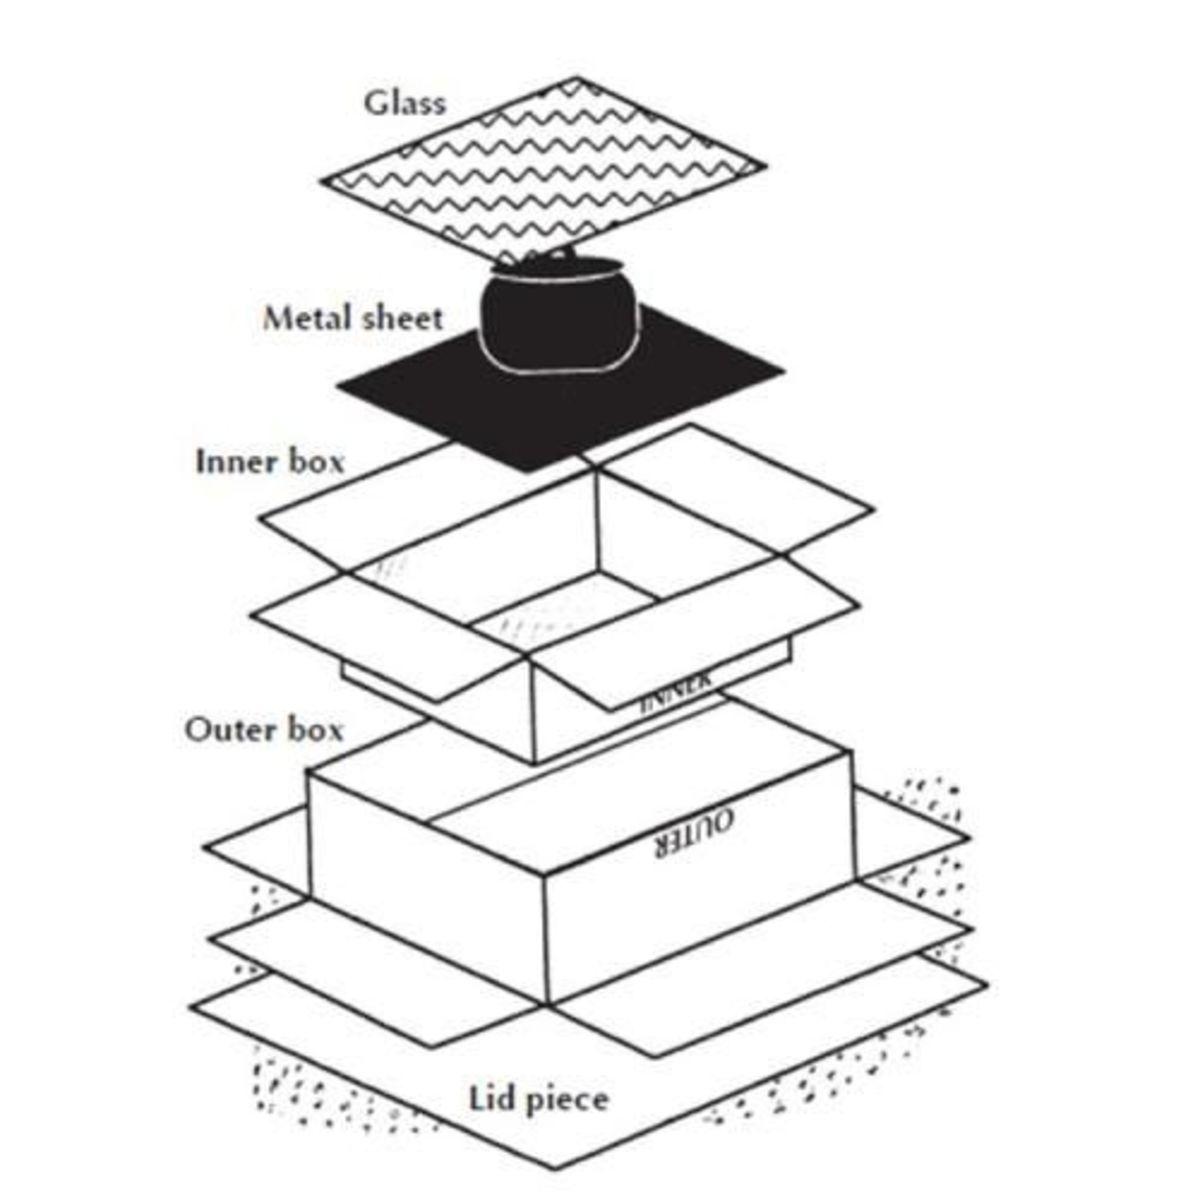 Solar box cooker basic design.